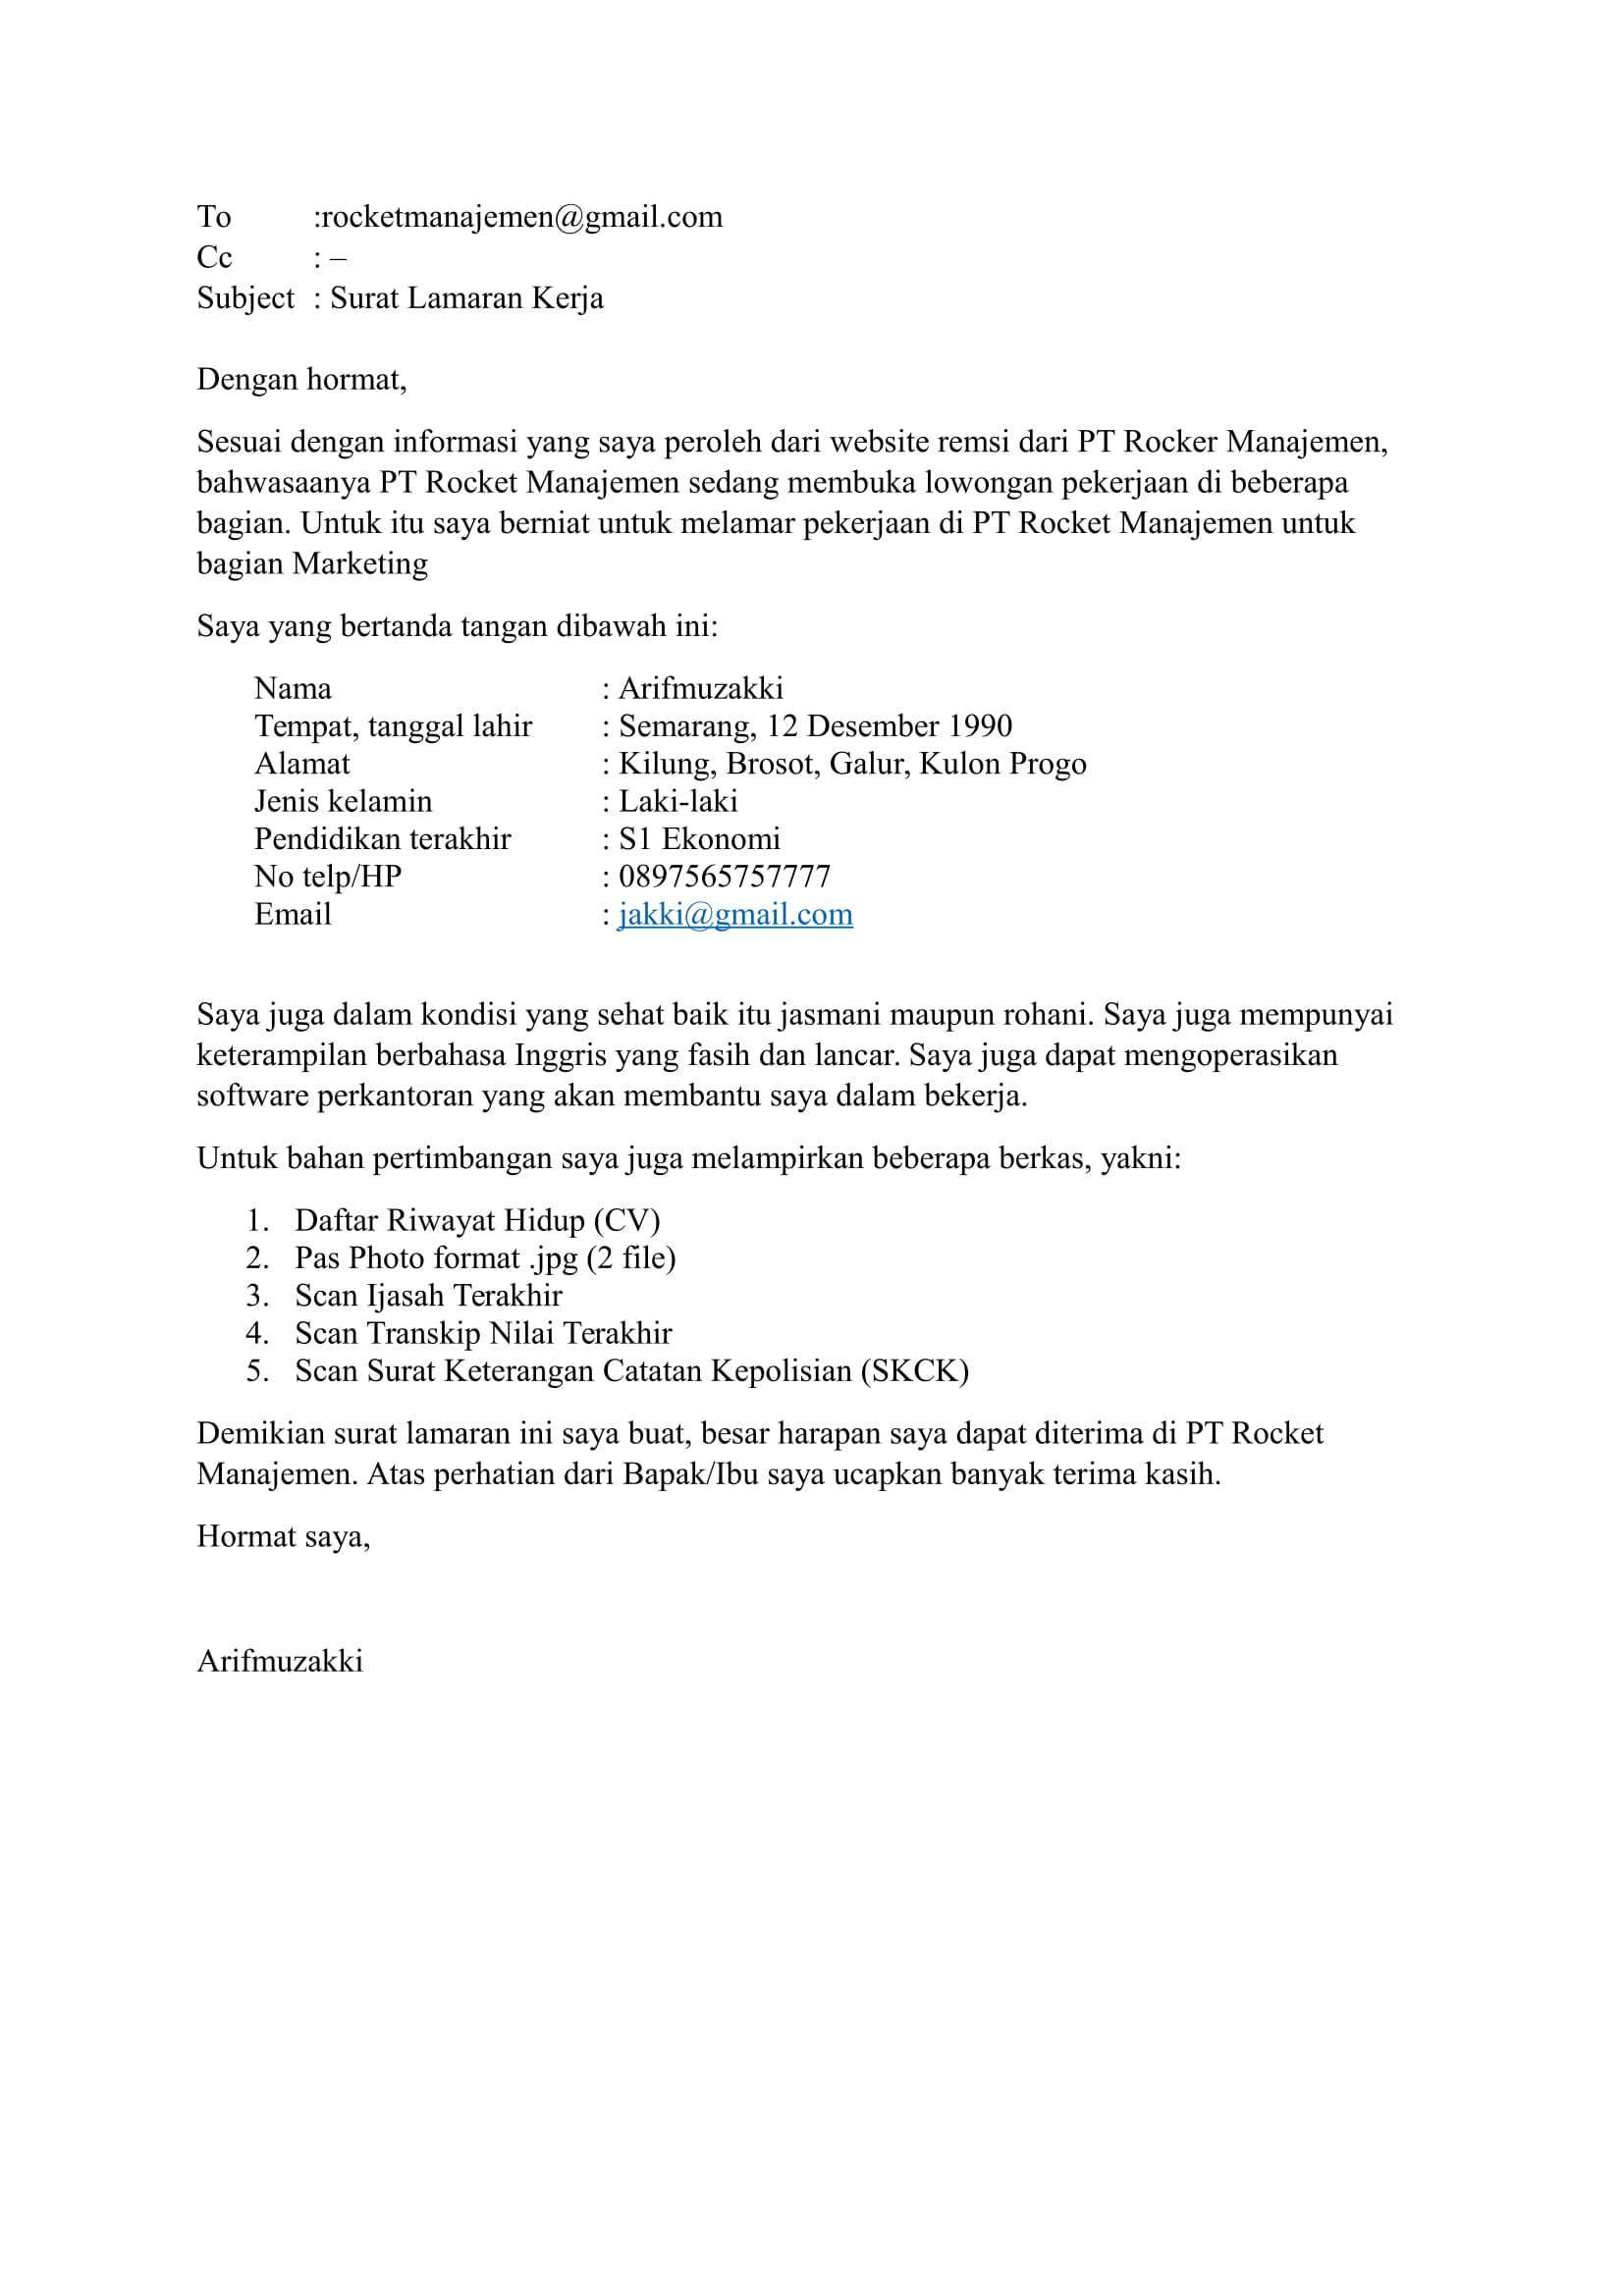 Download Contoh Surat Lamaran Kerja Via Email Riwayat